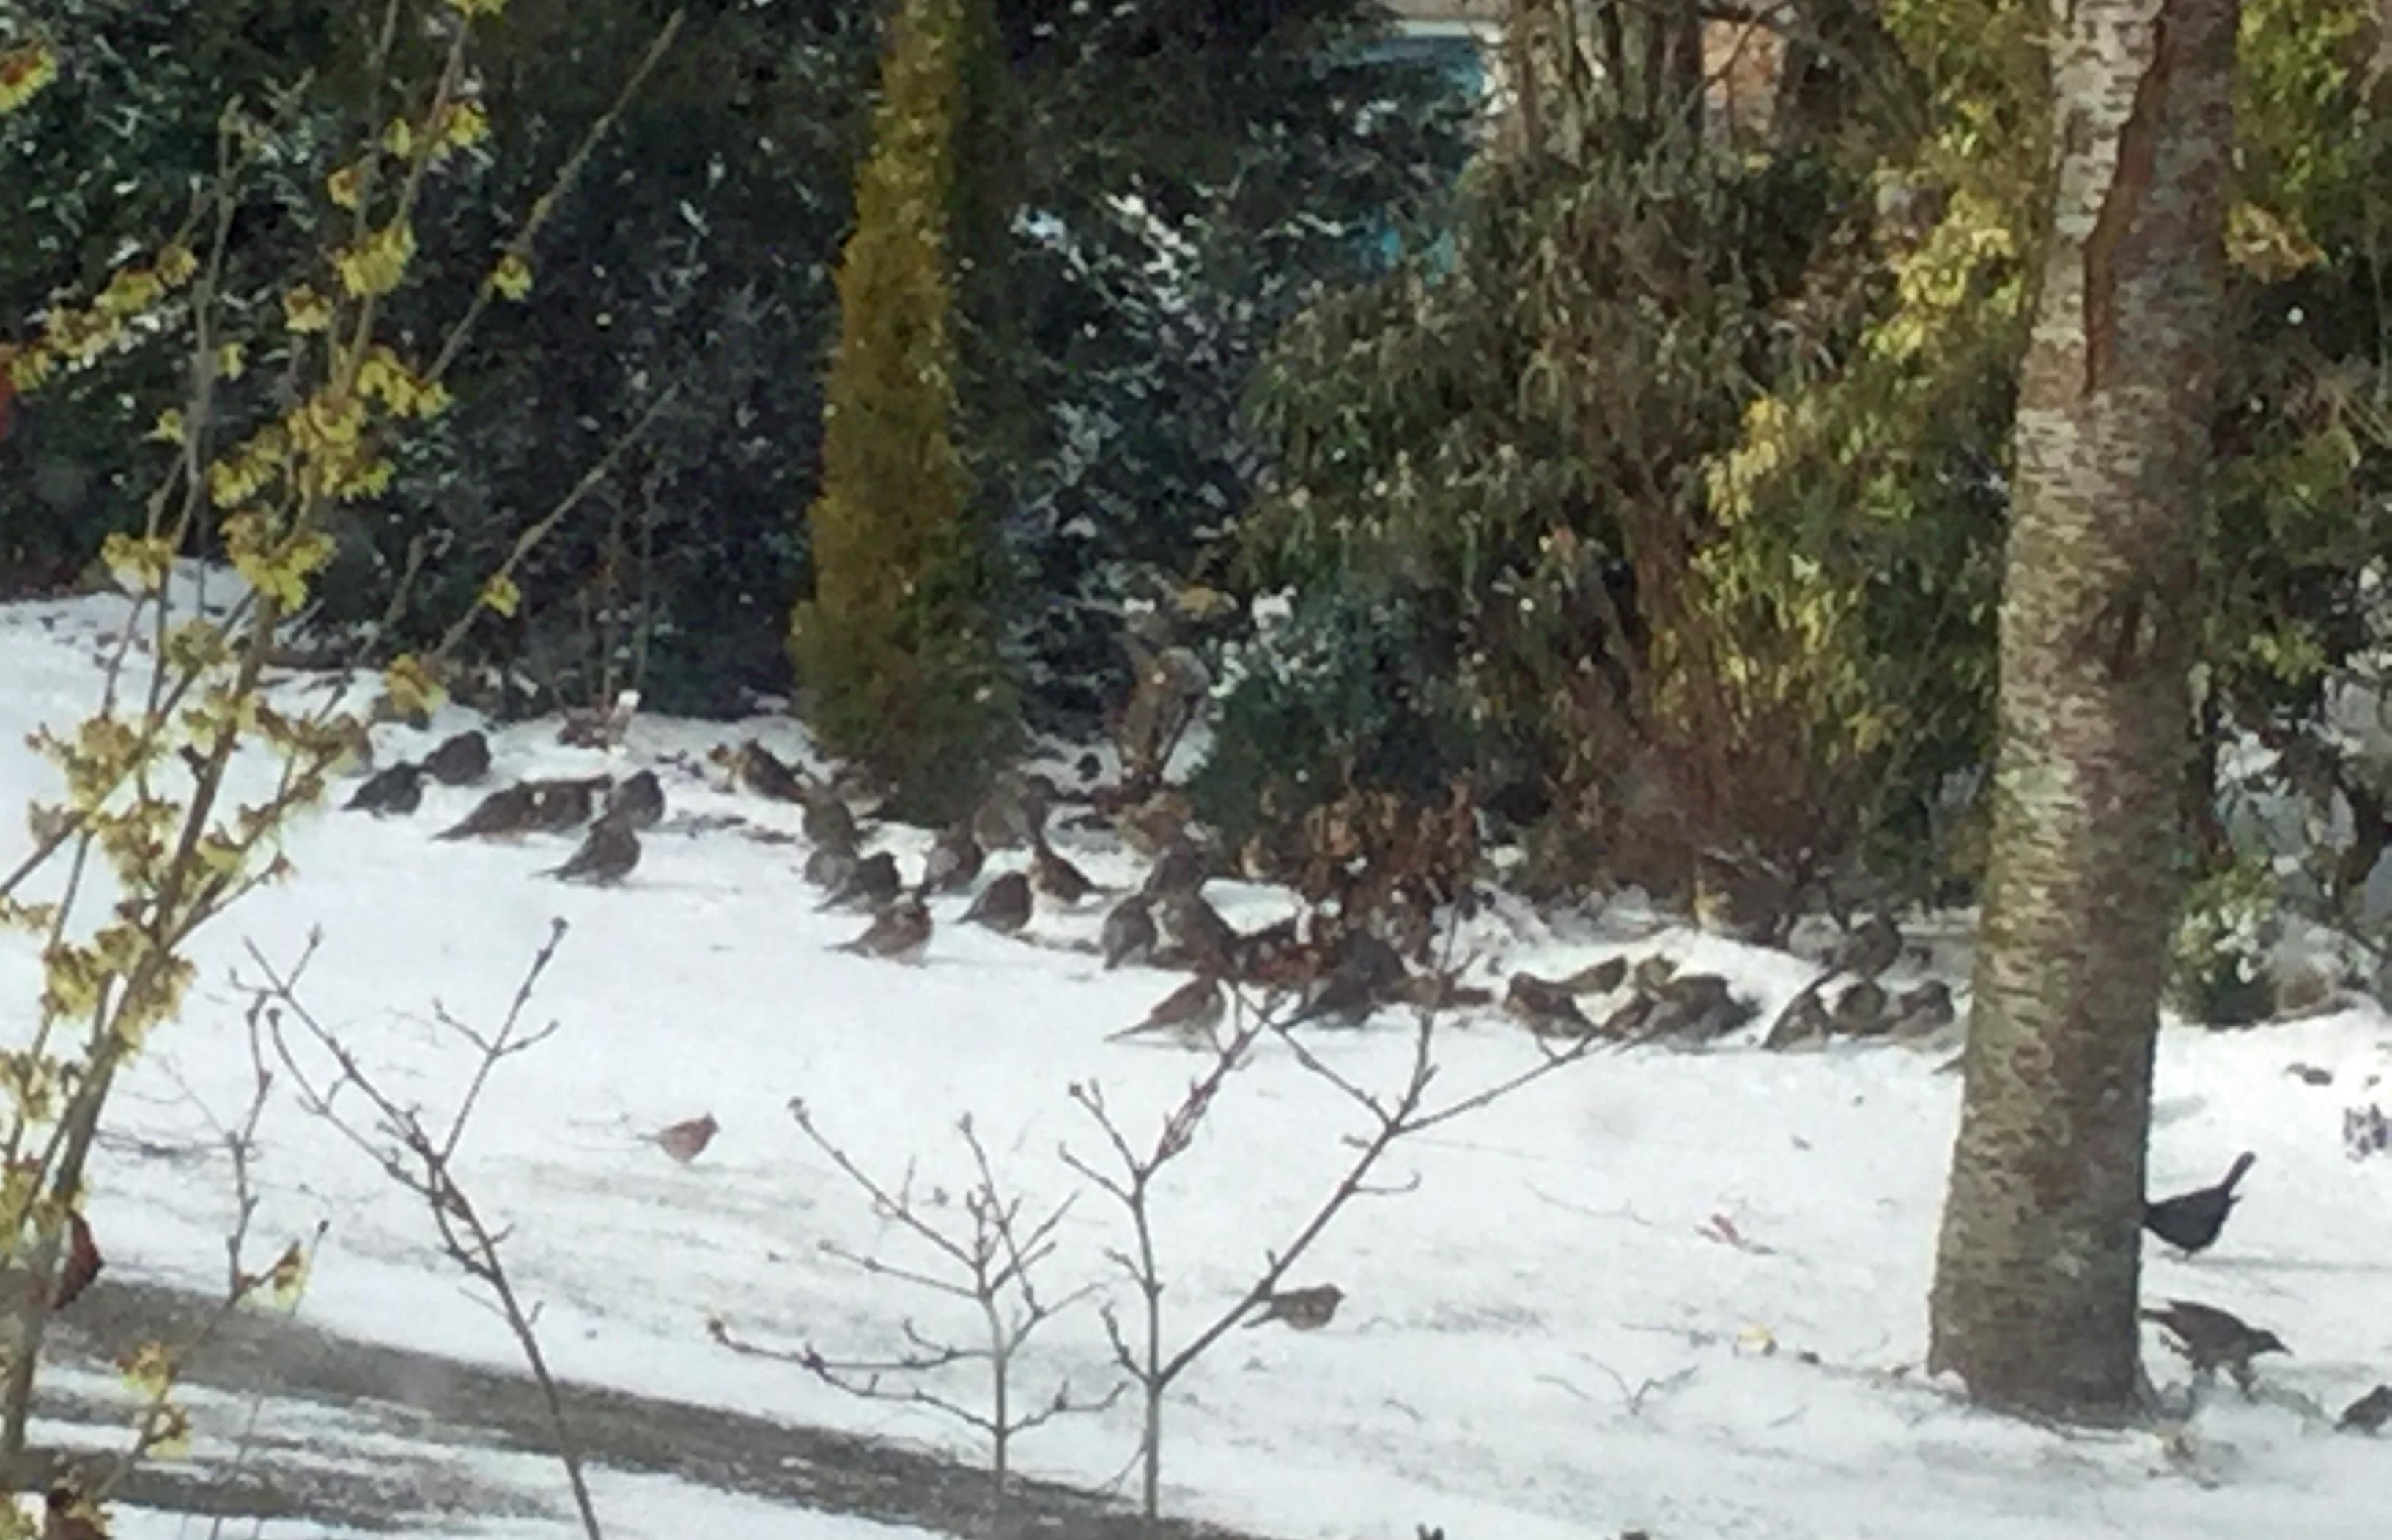 Winter fieldfares